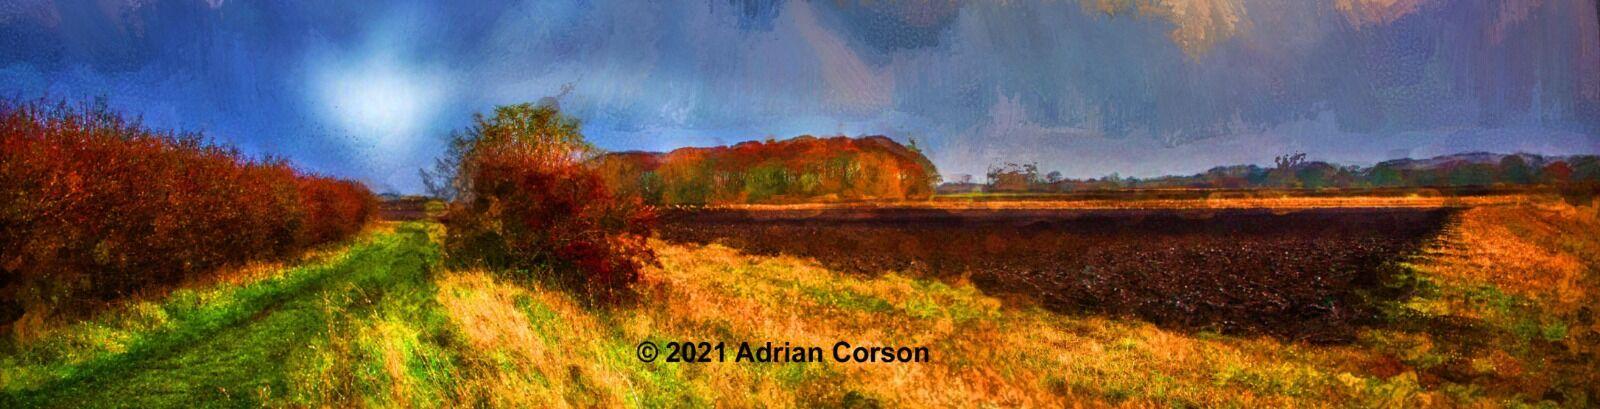 199-autumn fields